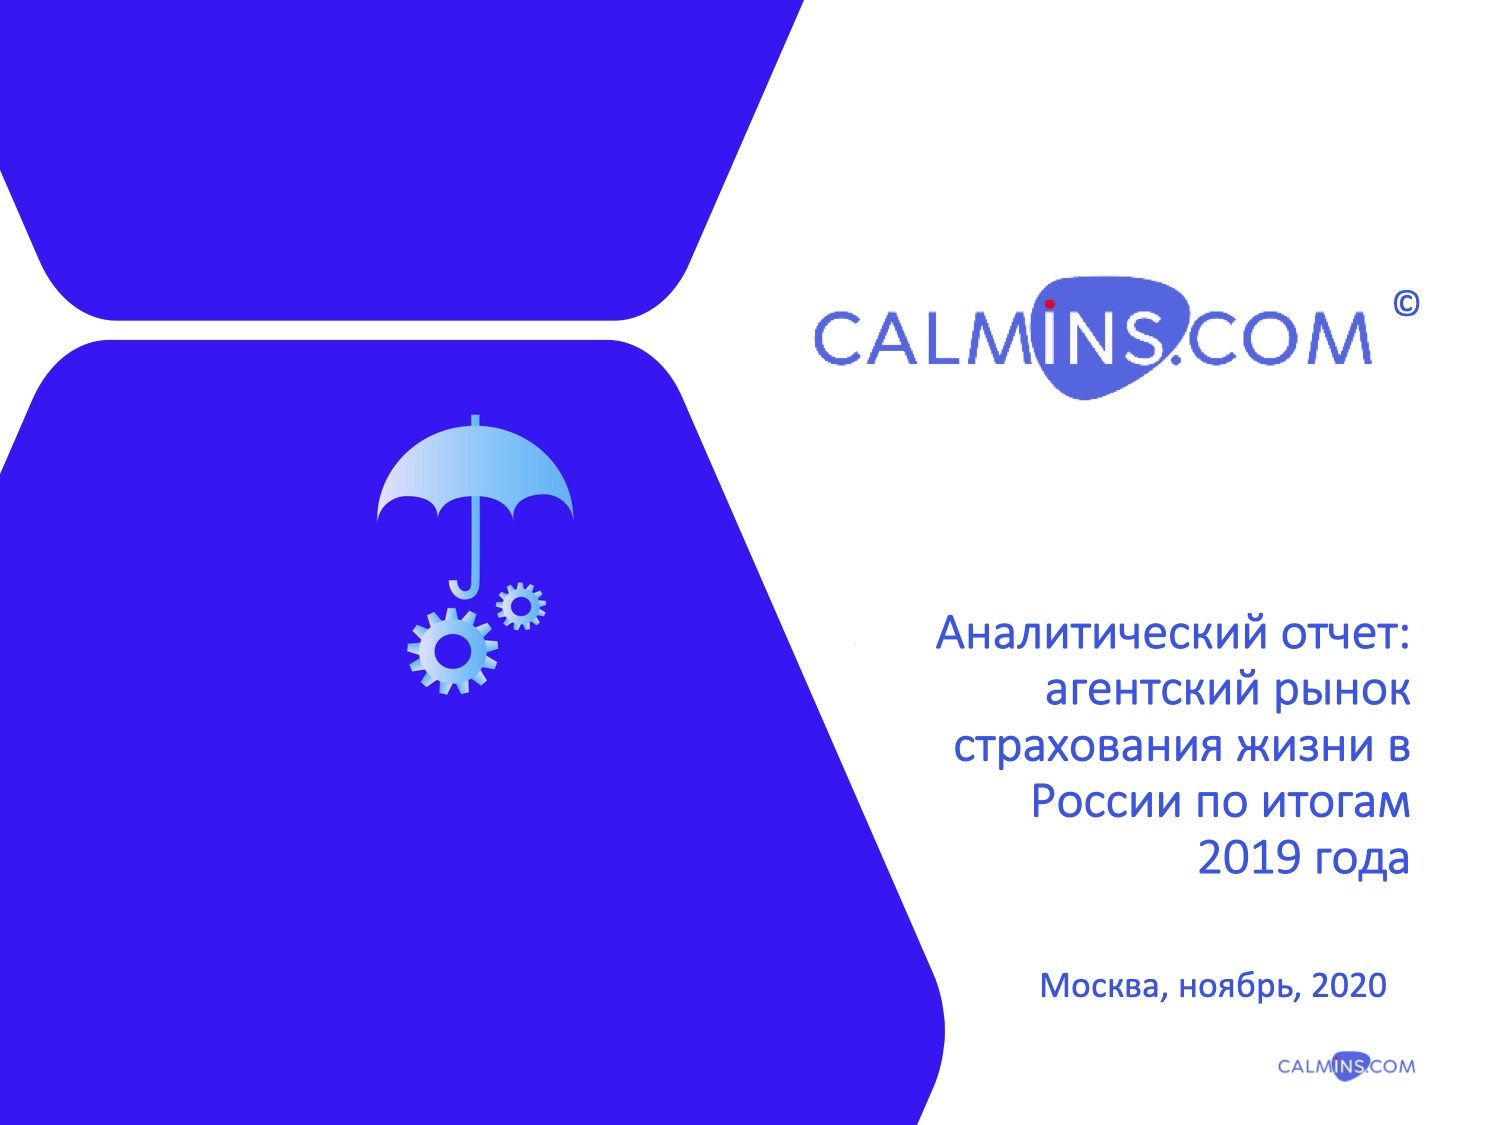 Анализ Агентского рынка страхования жизни в России по итогам 2019 года